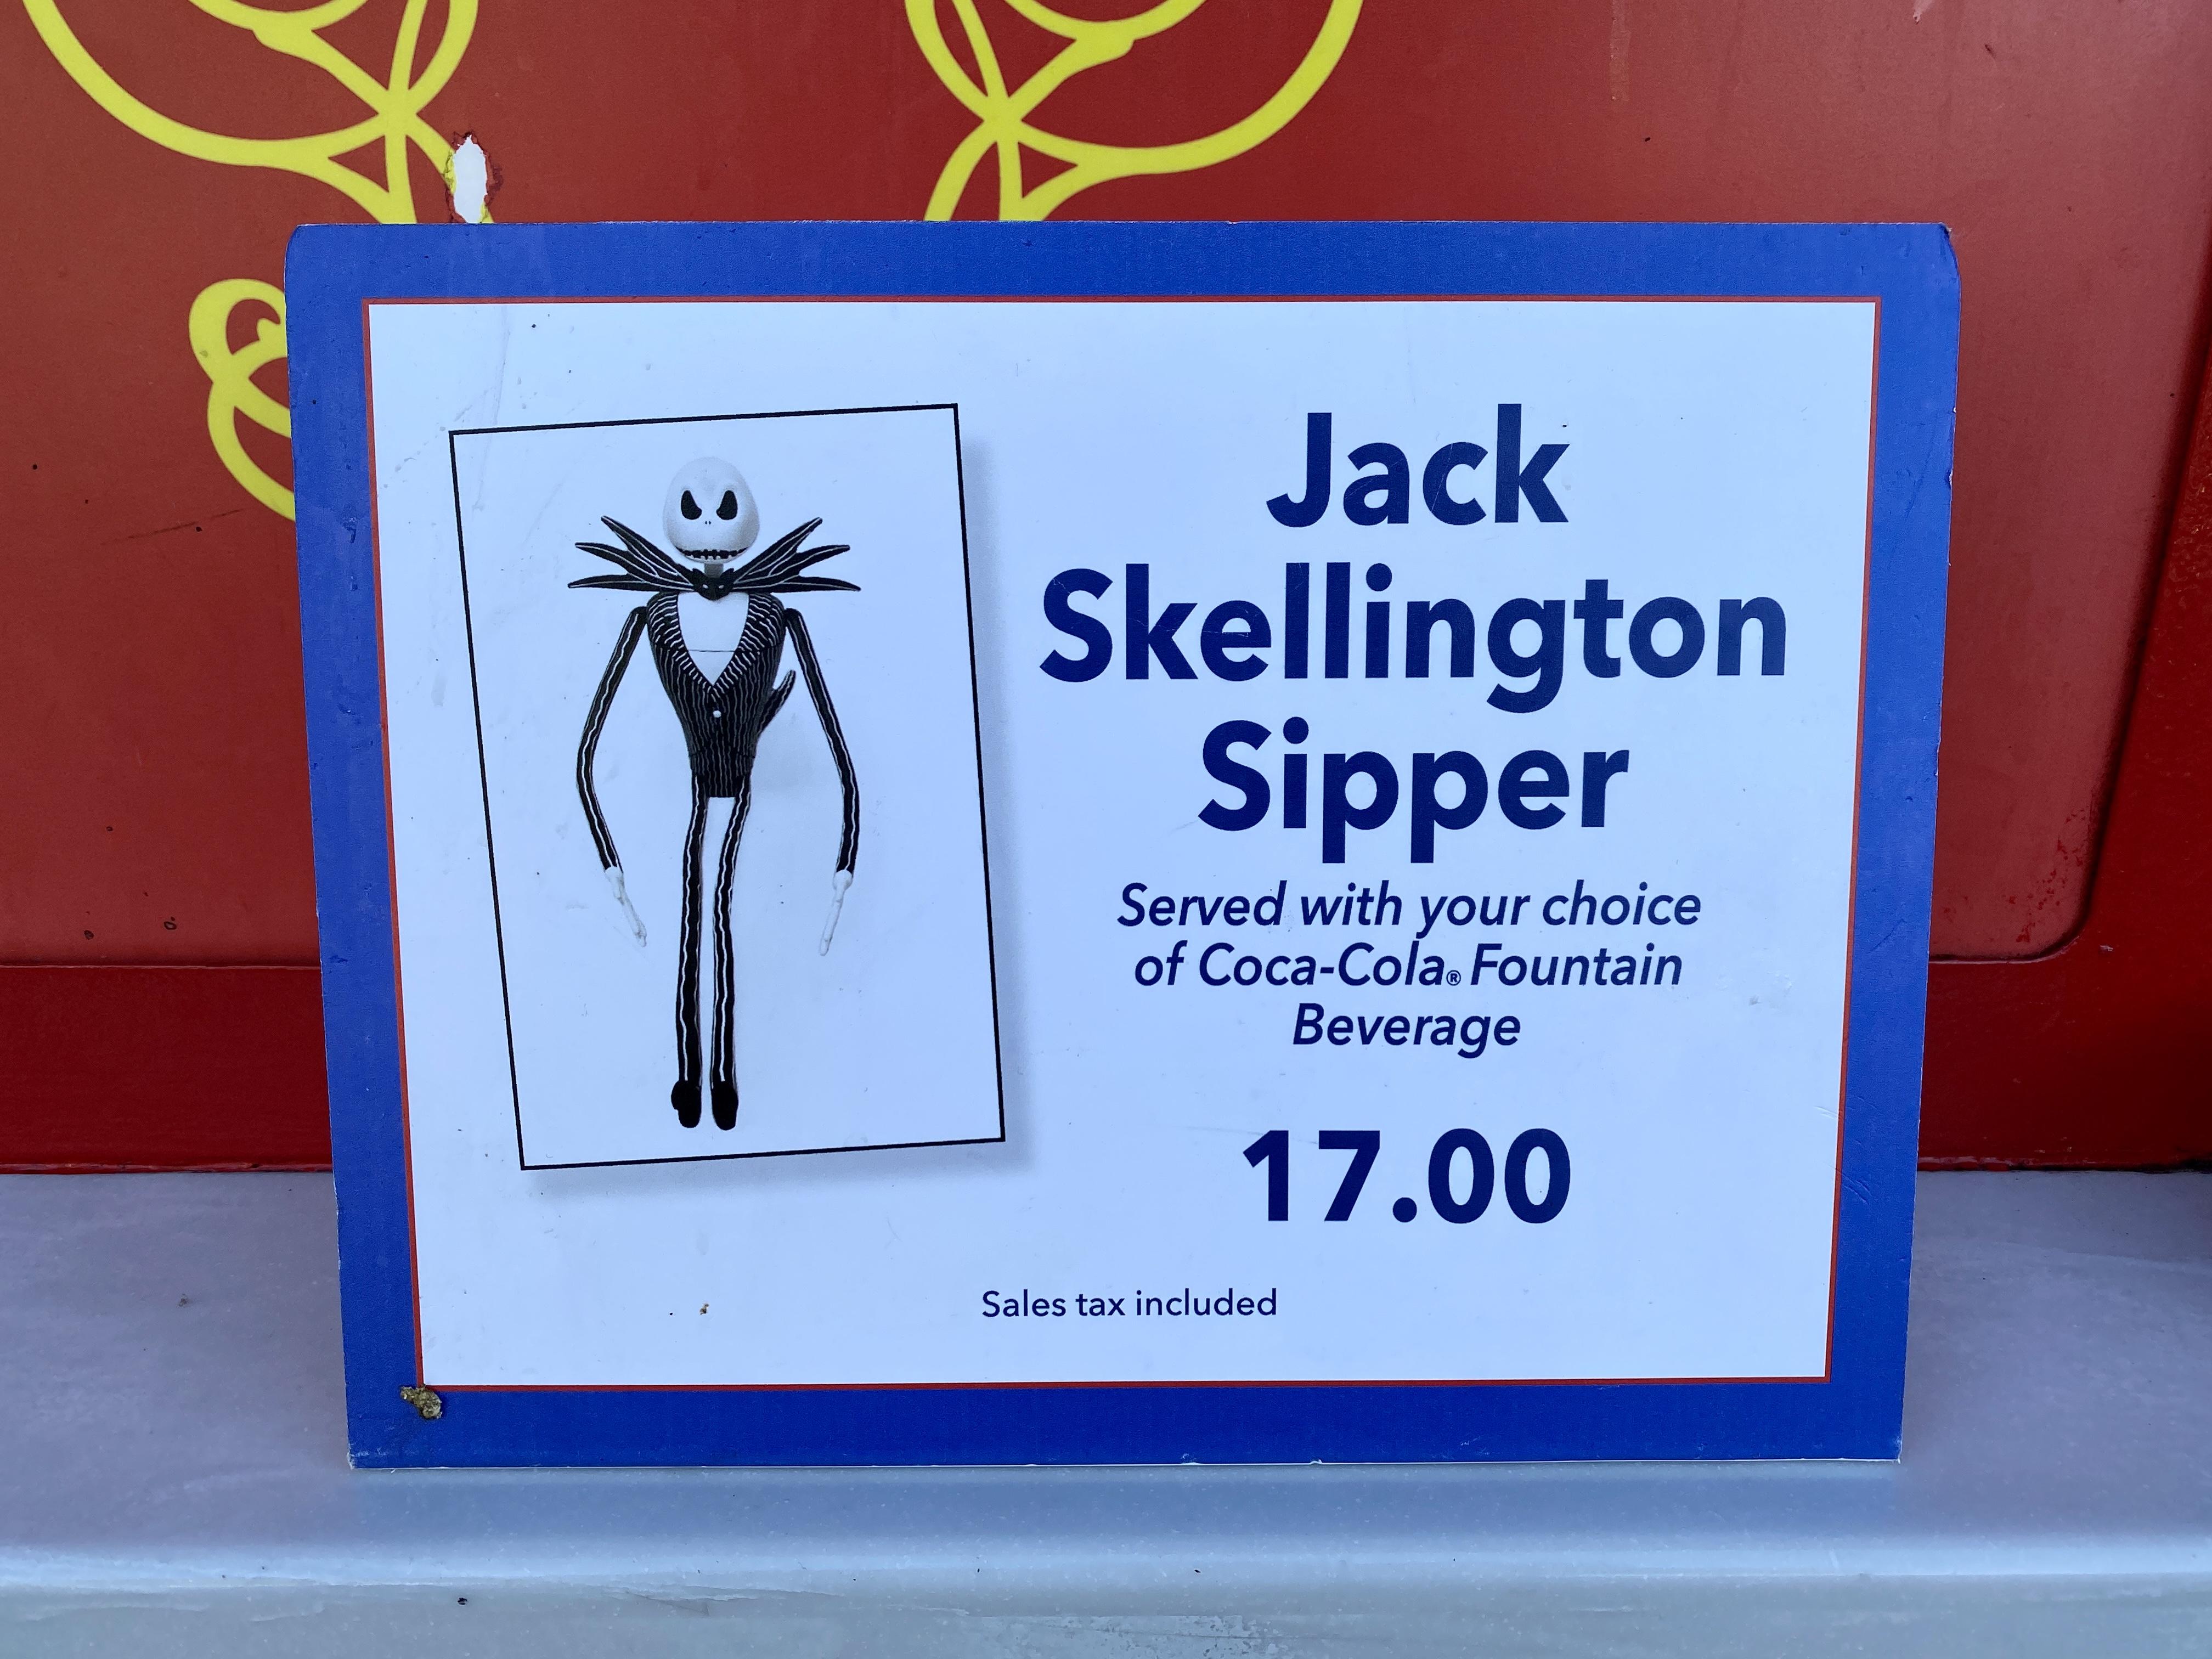 Jack skellington sipper